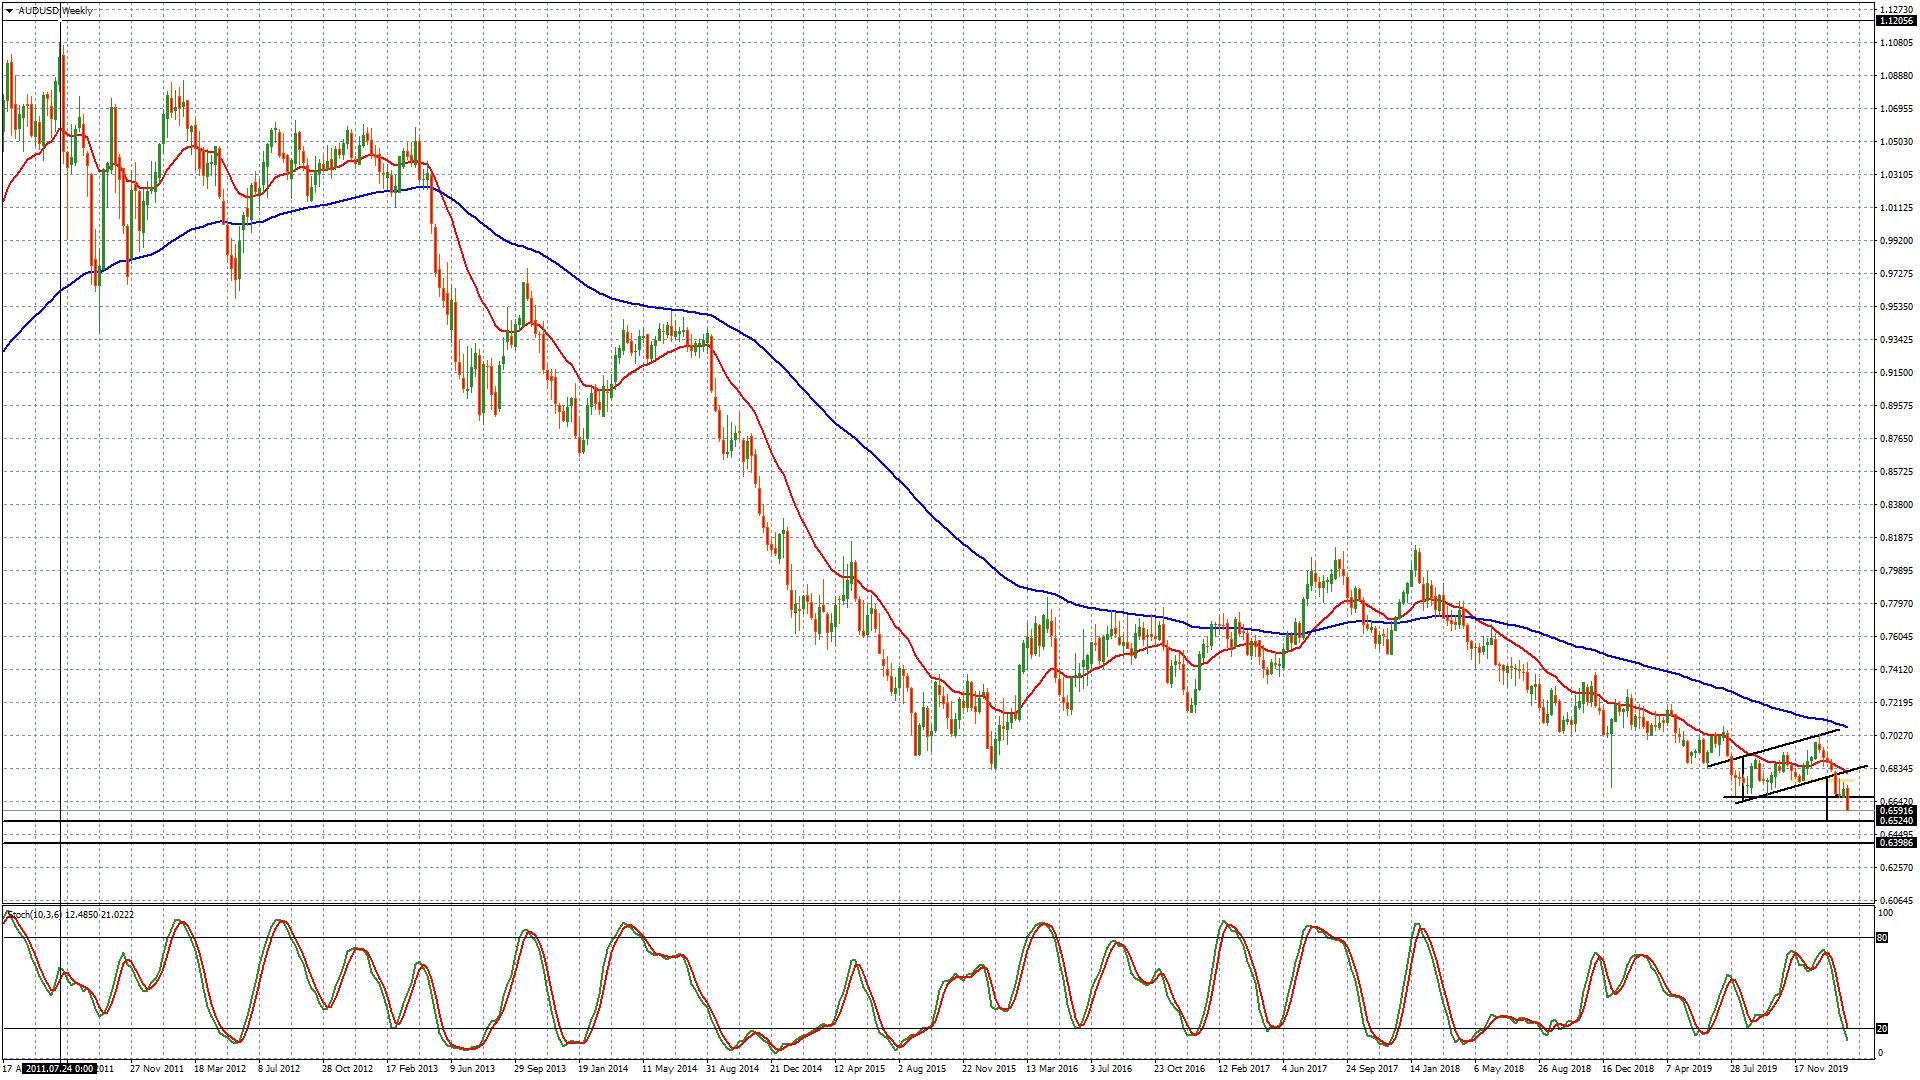 Der Chart AUD/USD als Singalgeber der Aktienmärkte